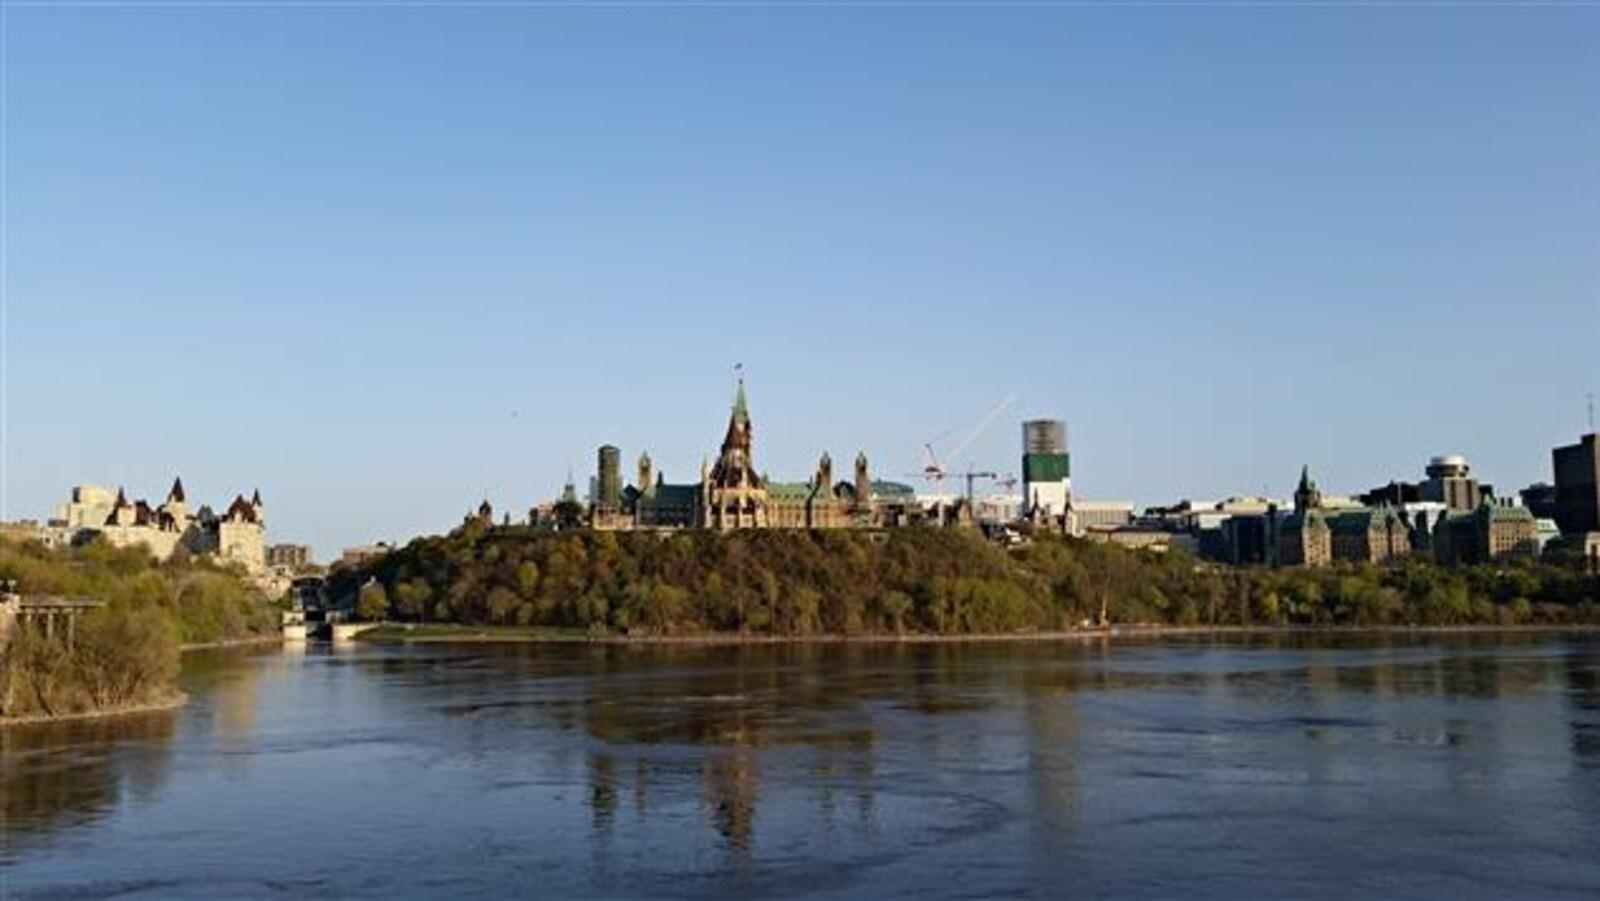 Le Parlement surplombe la rivière des Outaouais.